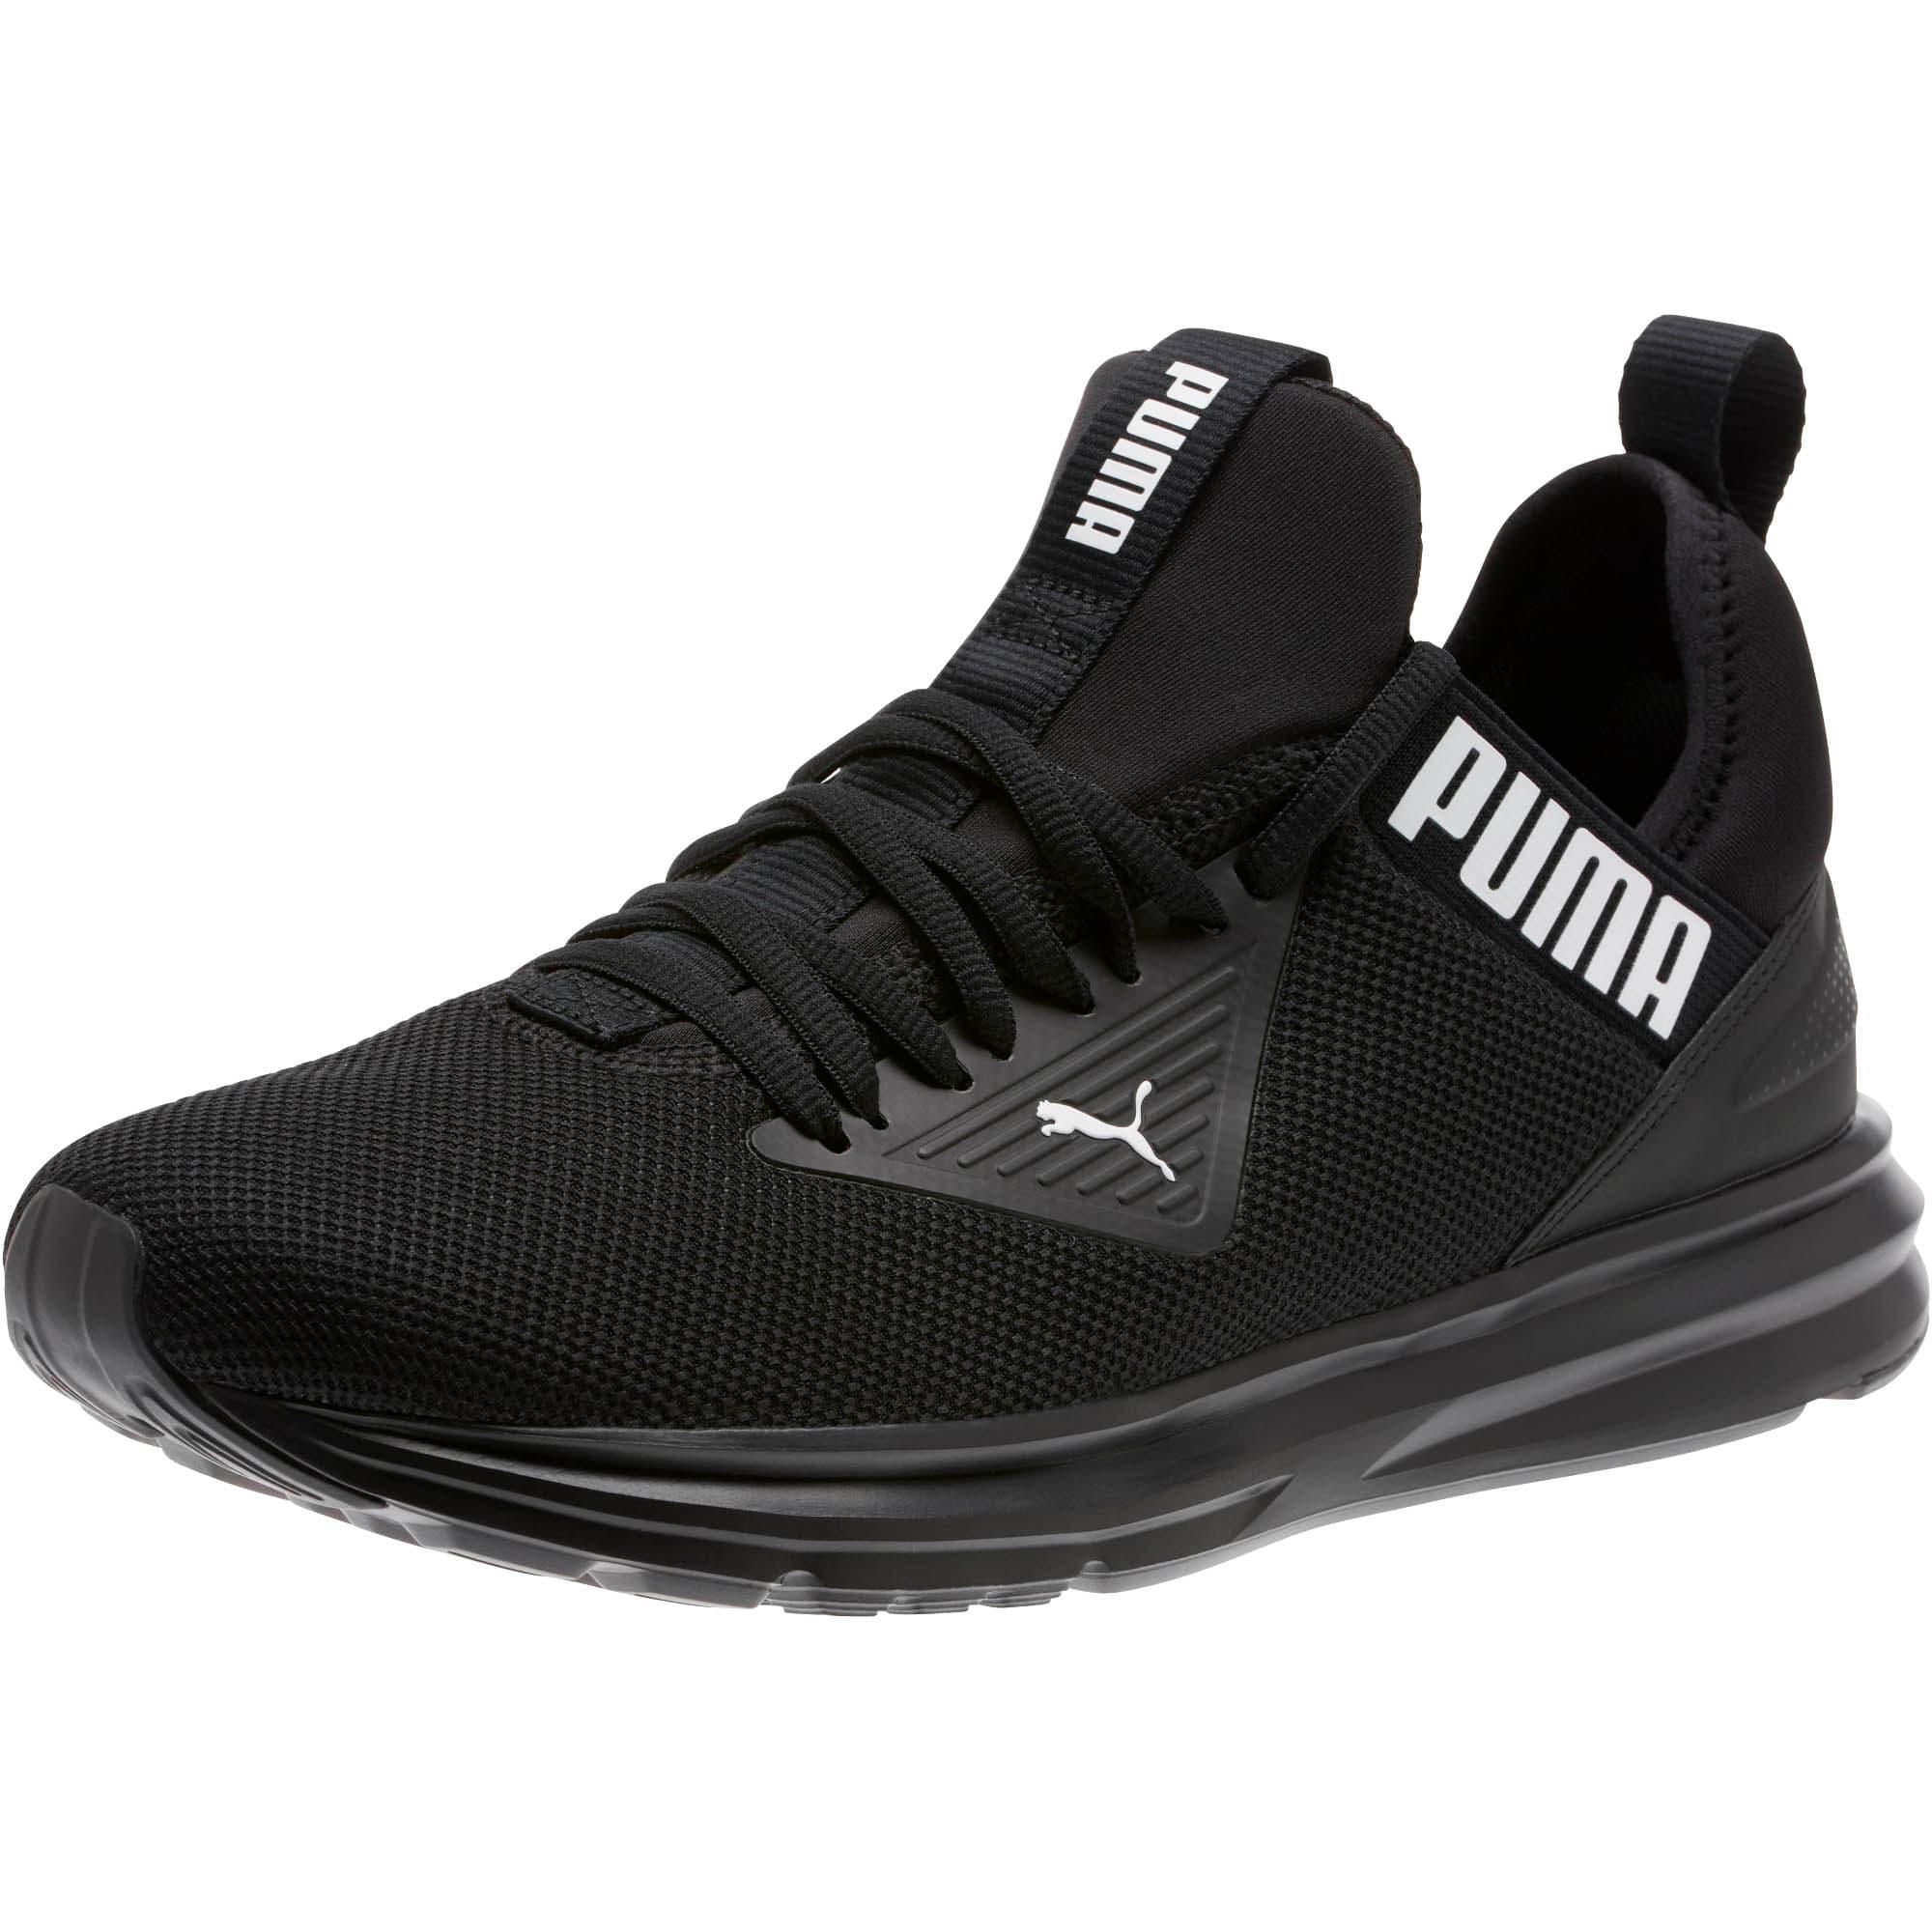 Zapatos de entrenamiento Enzo Beta para hombre